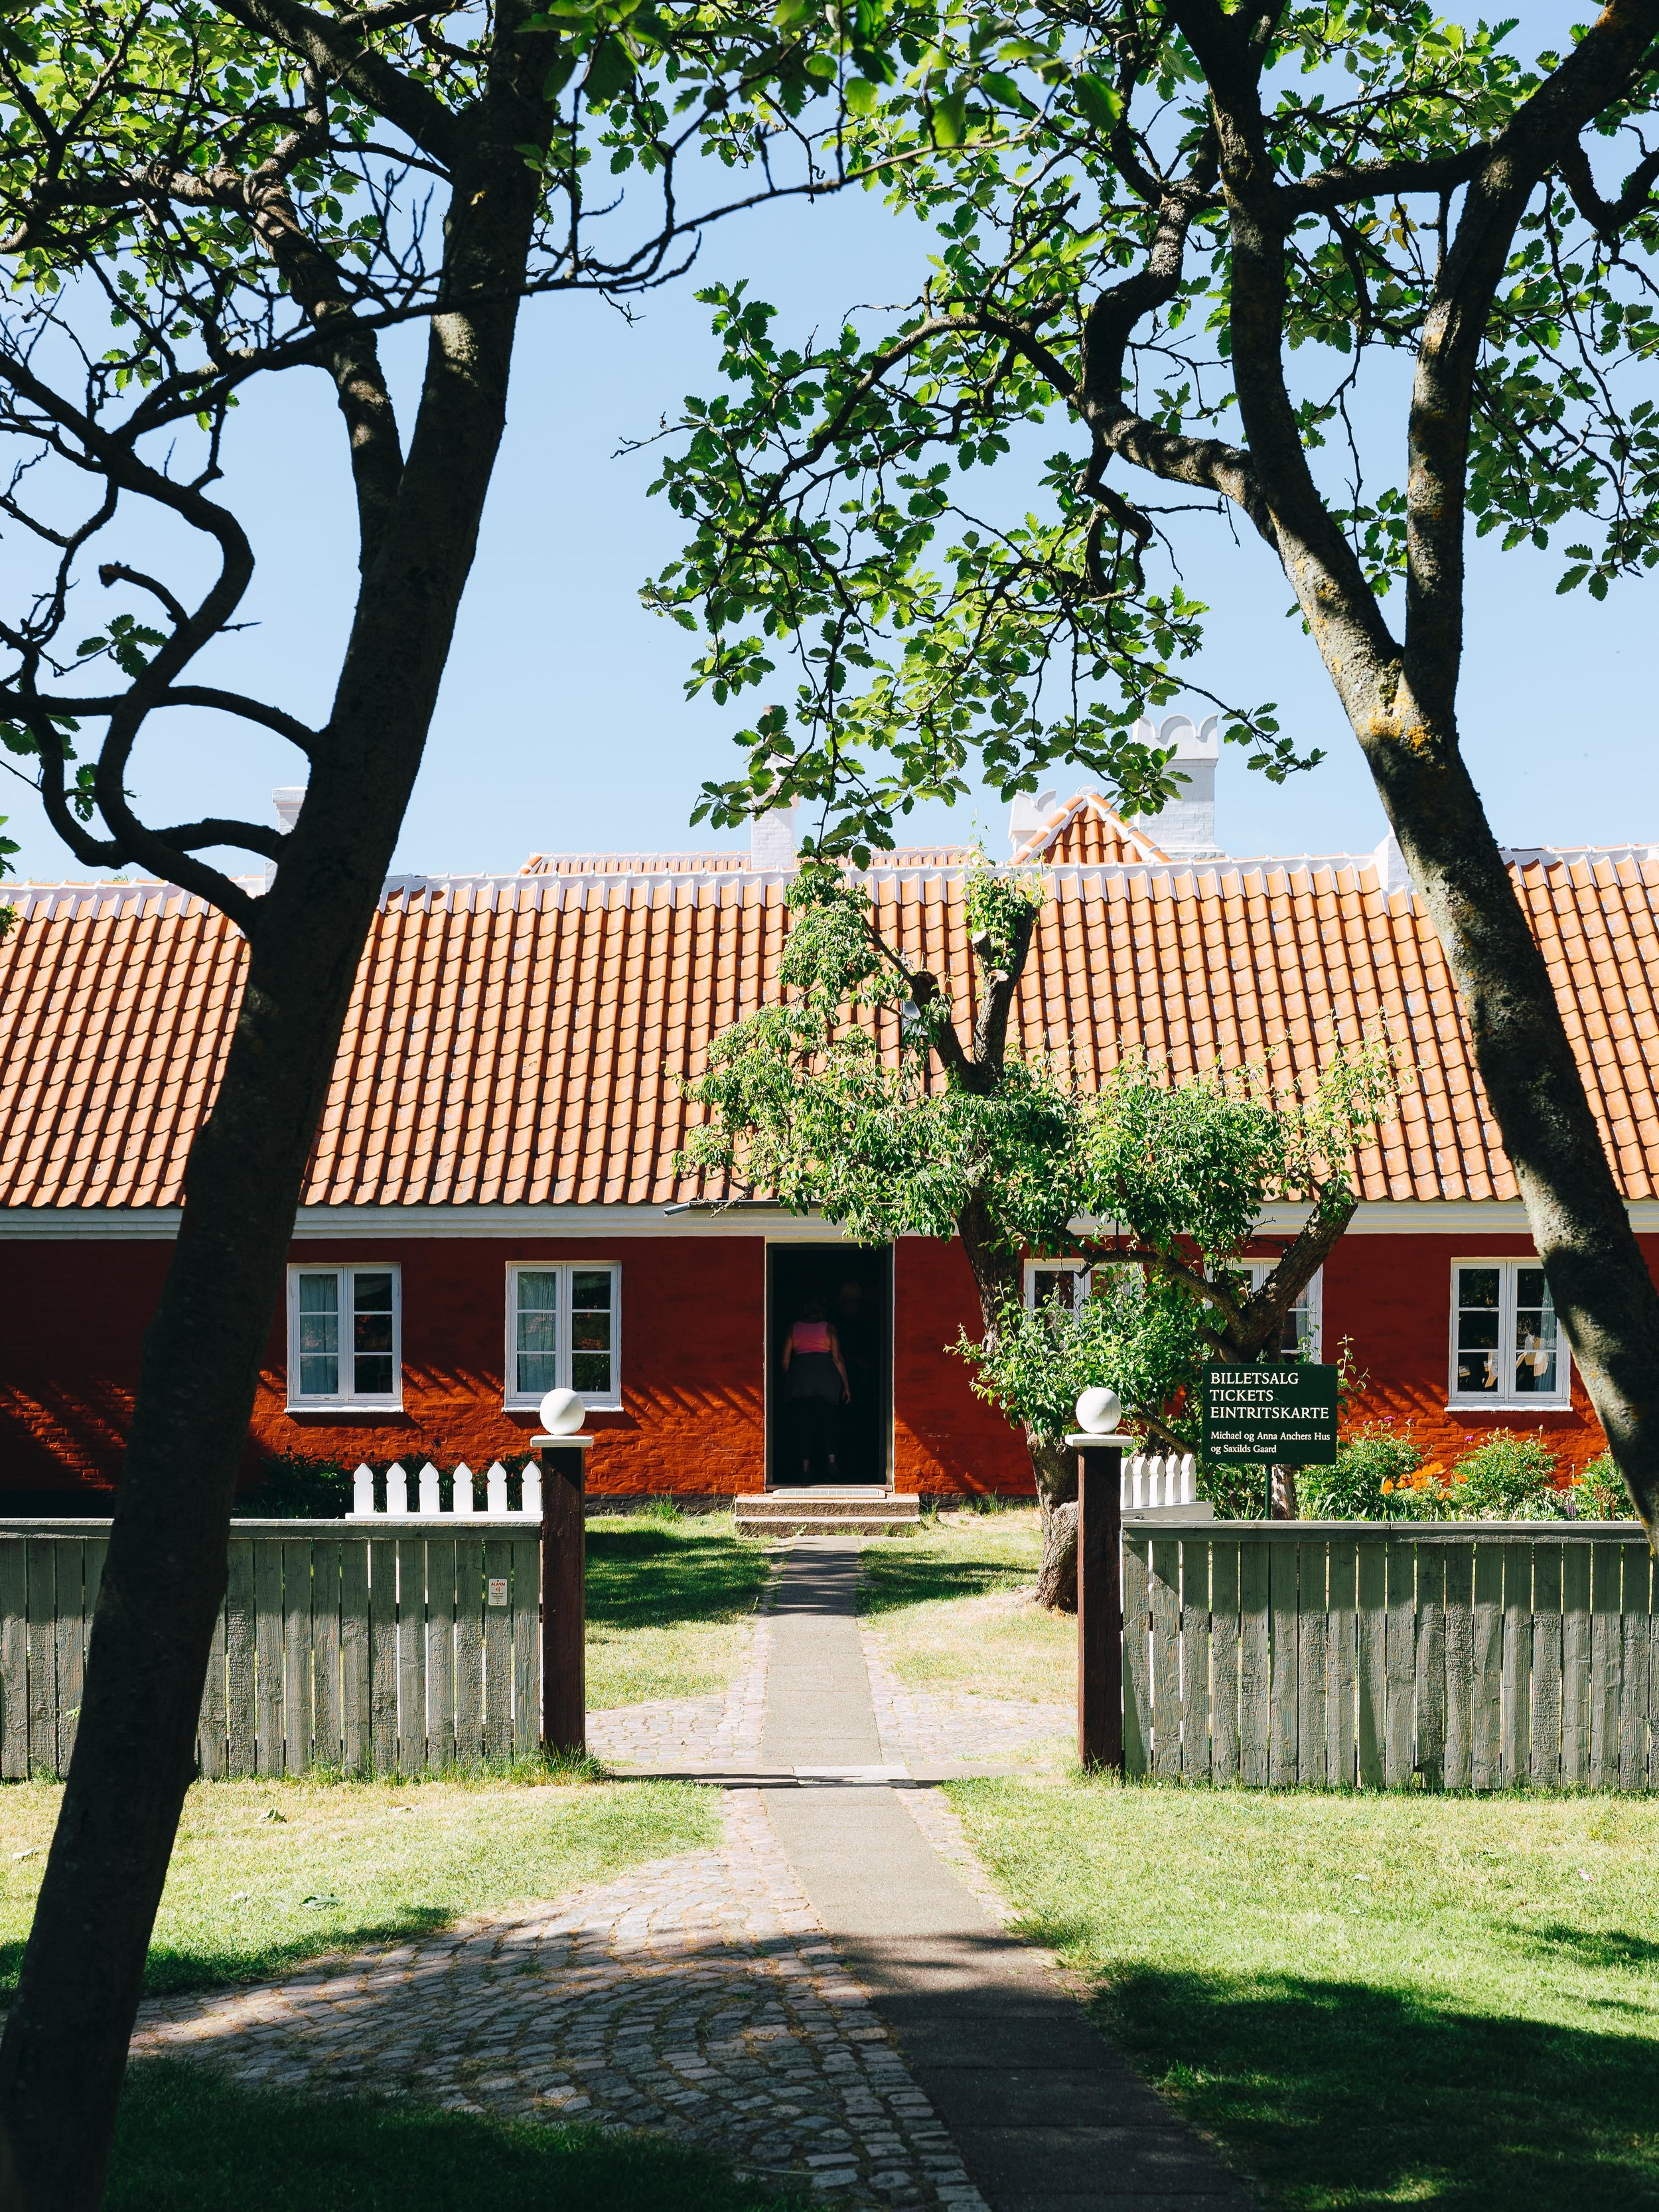 ASROSENVINGE_VisitDenmark_Nordjylland-05077.jpg